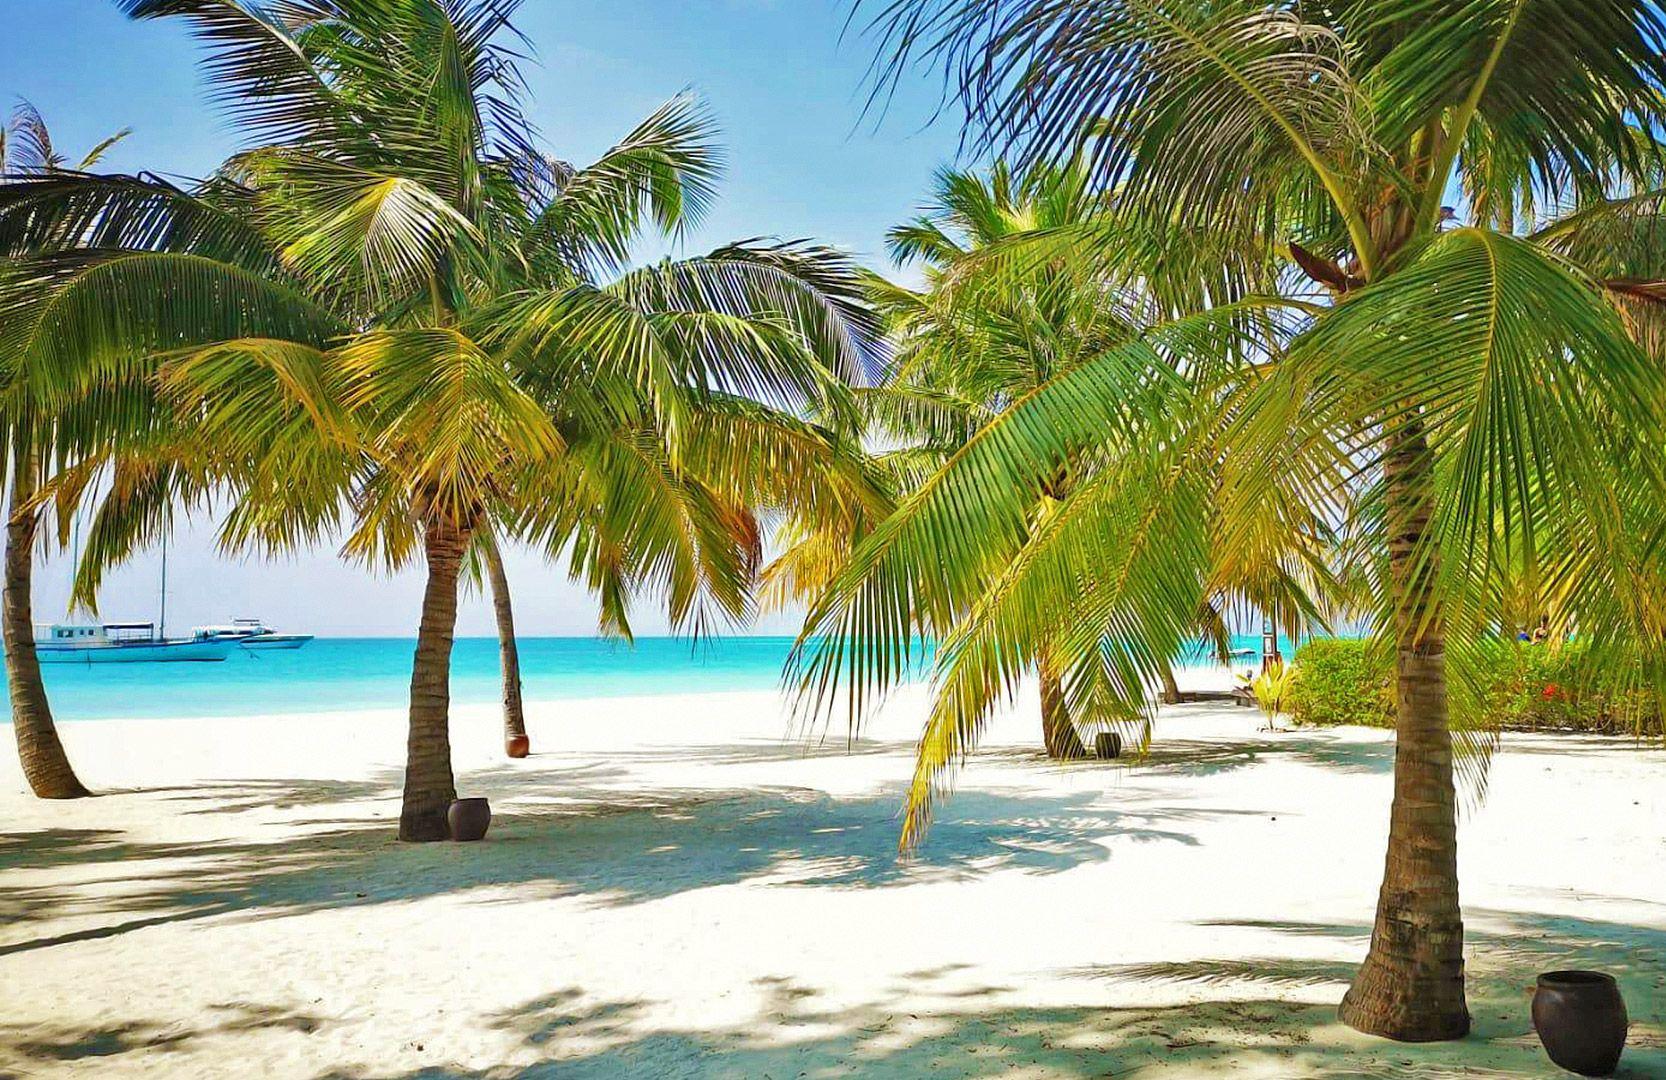 Sejur charter All Inclusive Maldive, 10 zile - Decembrie 2021